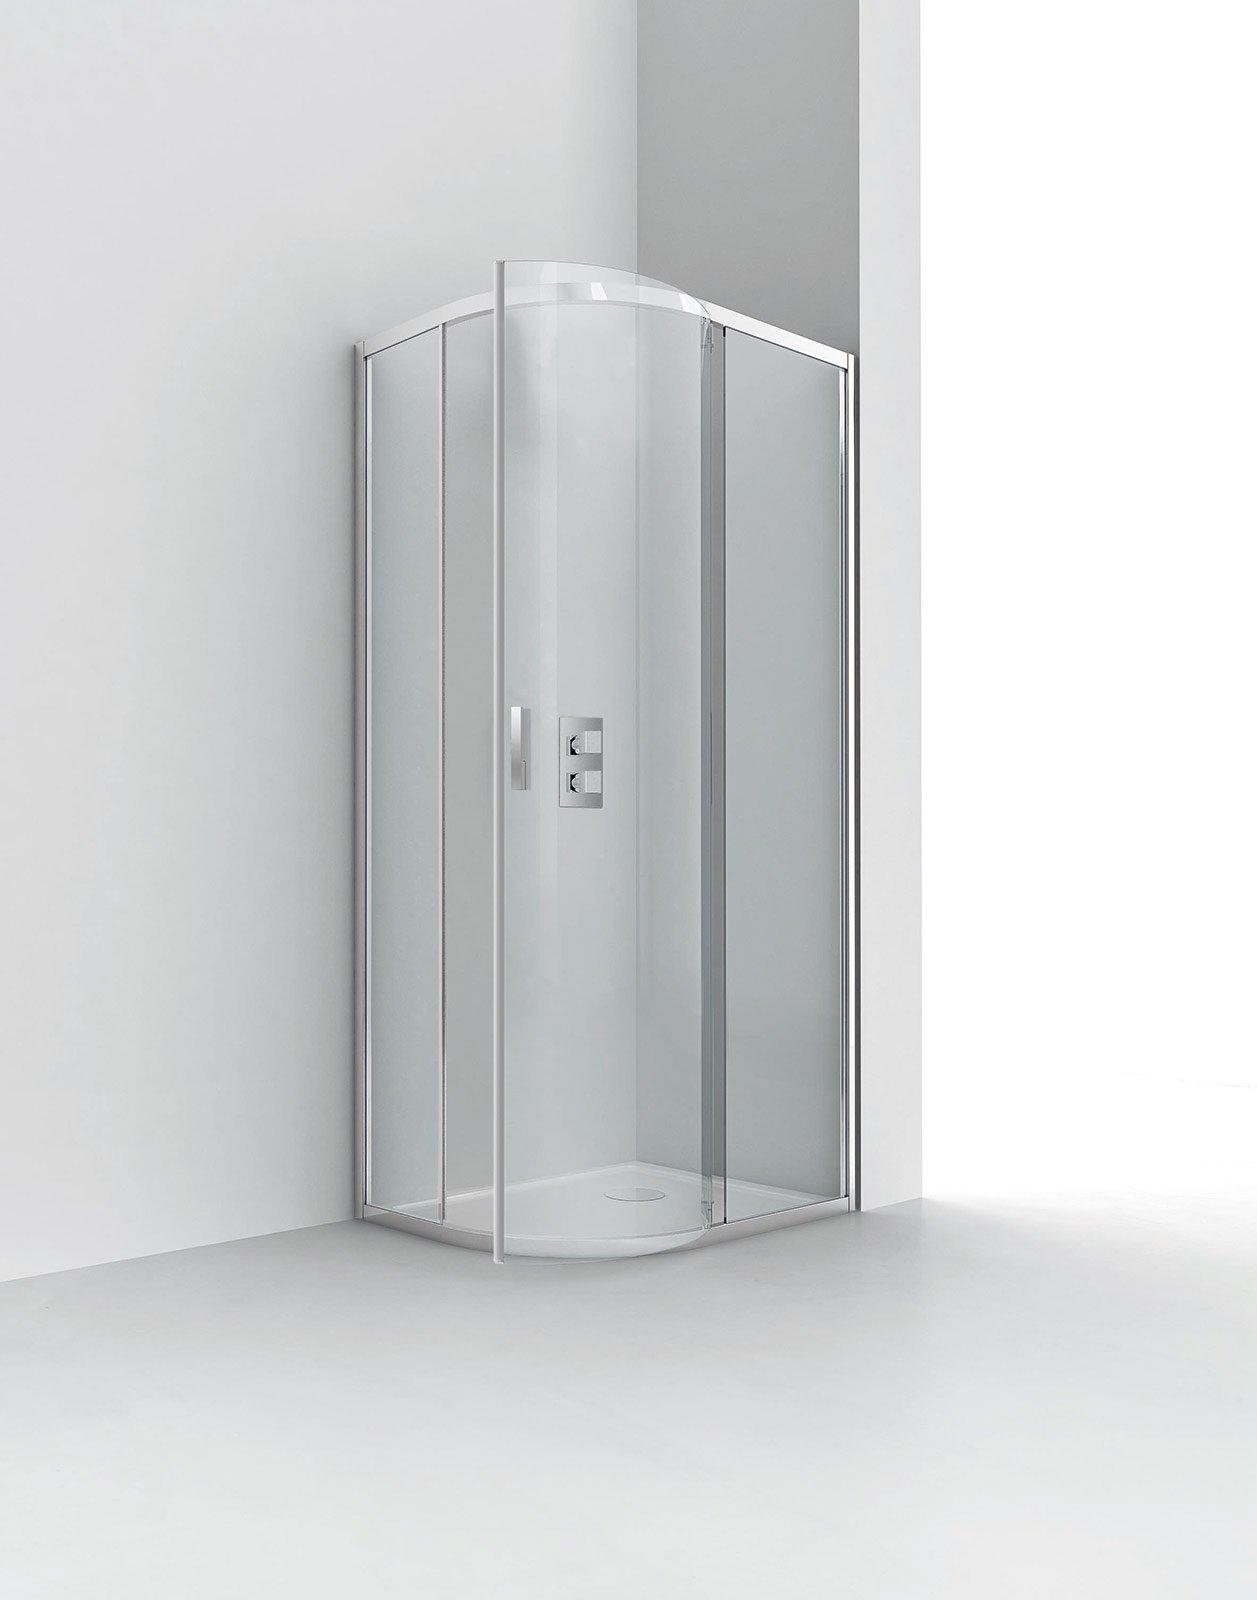 scegliere il box doccia - cose di casa - Box Doccia Cristallo Cesana Prezzi